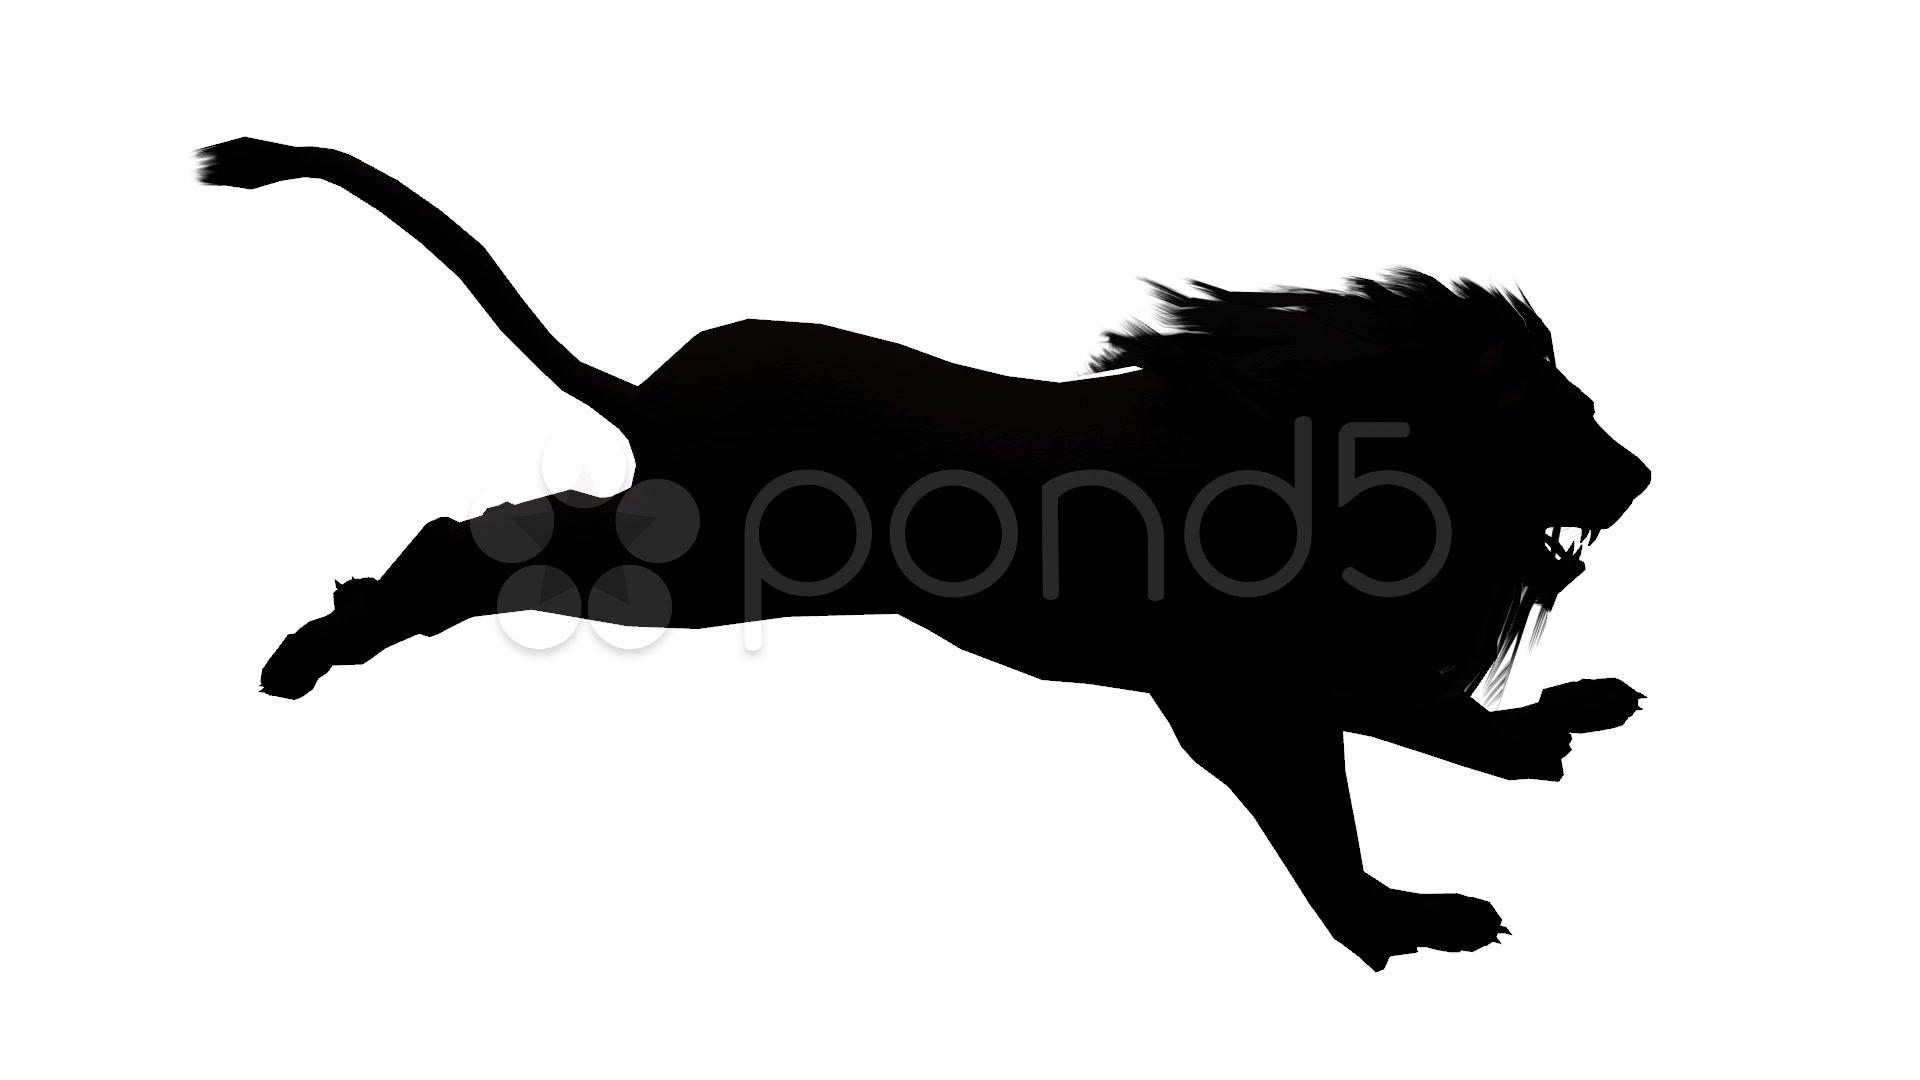 1920x1080 Lion Run,endangered Wild Animal Wildlife Running Sketch Silhouette